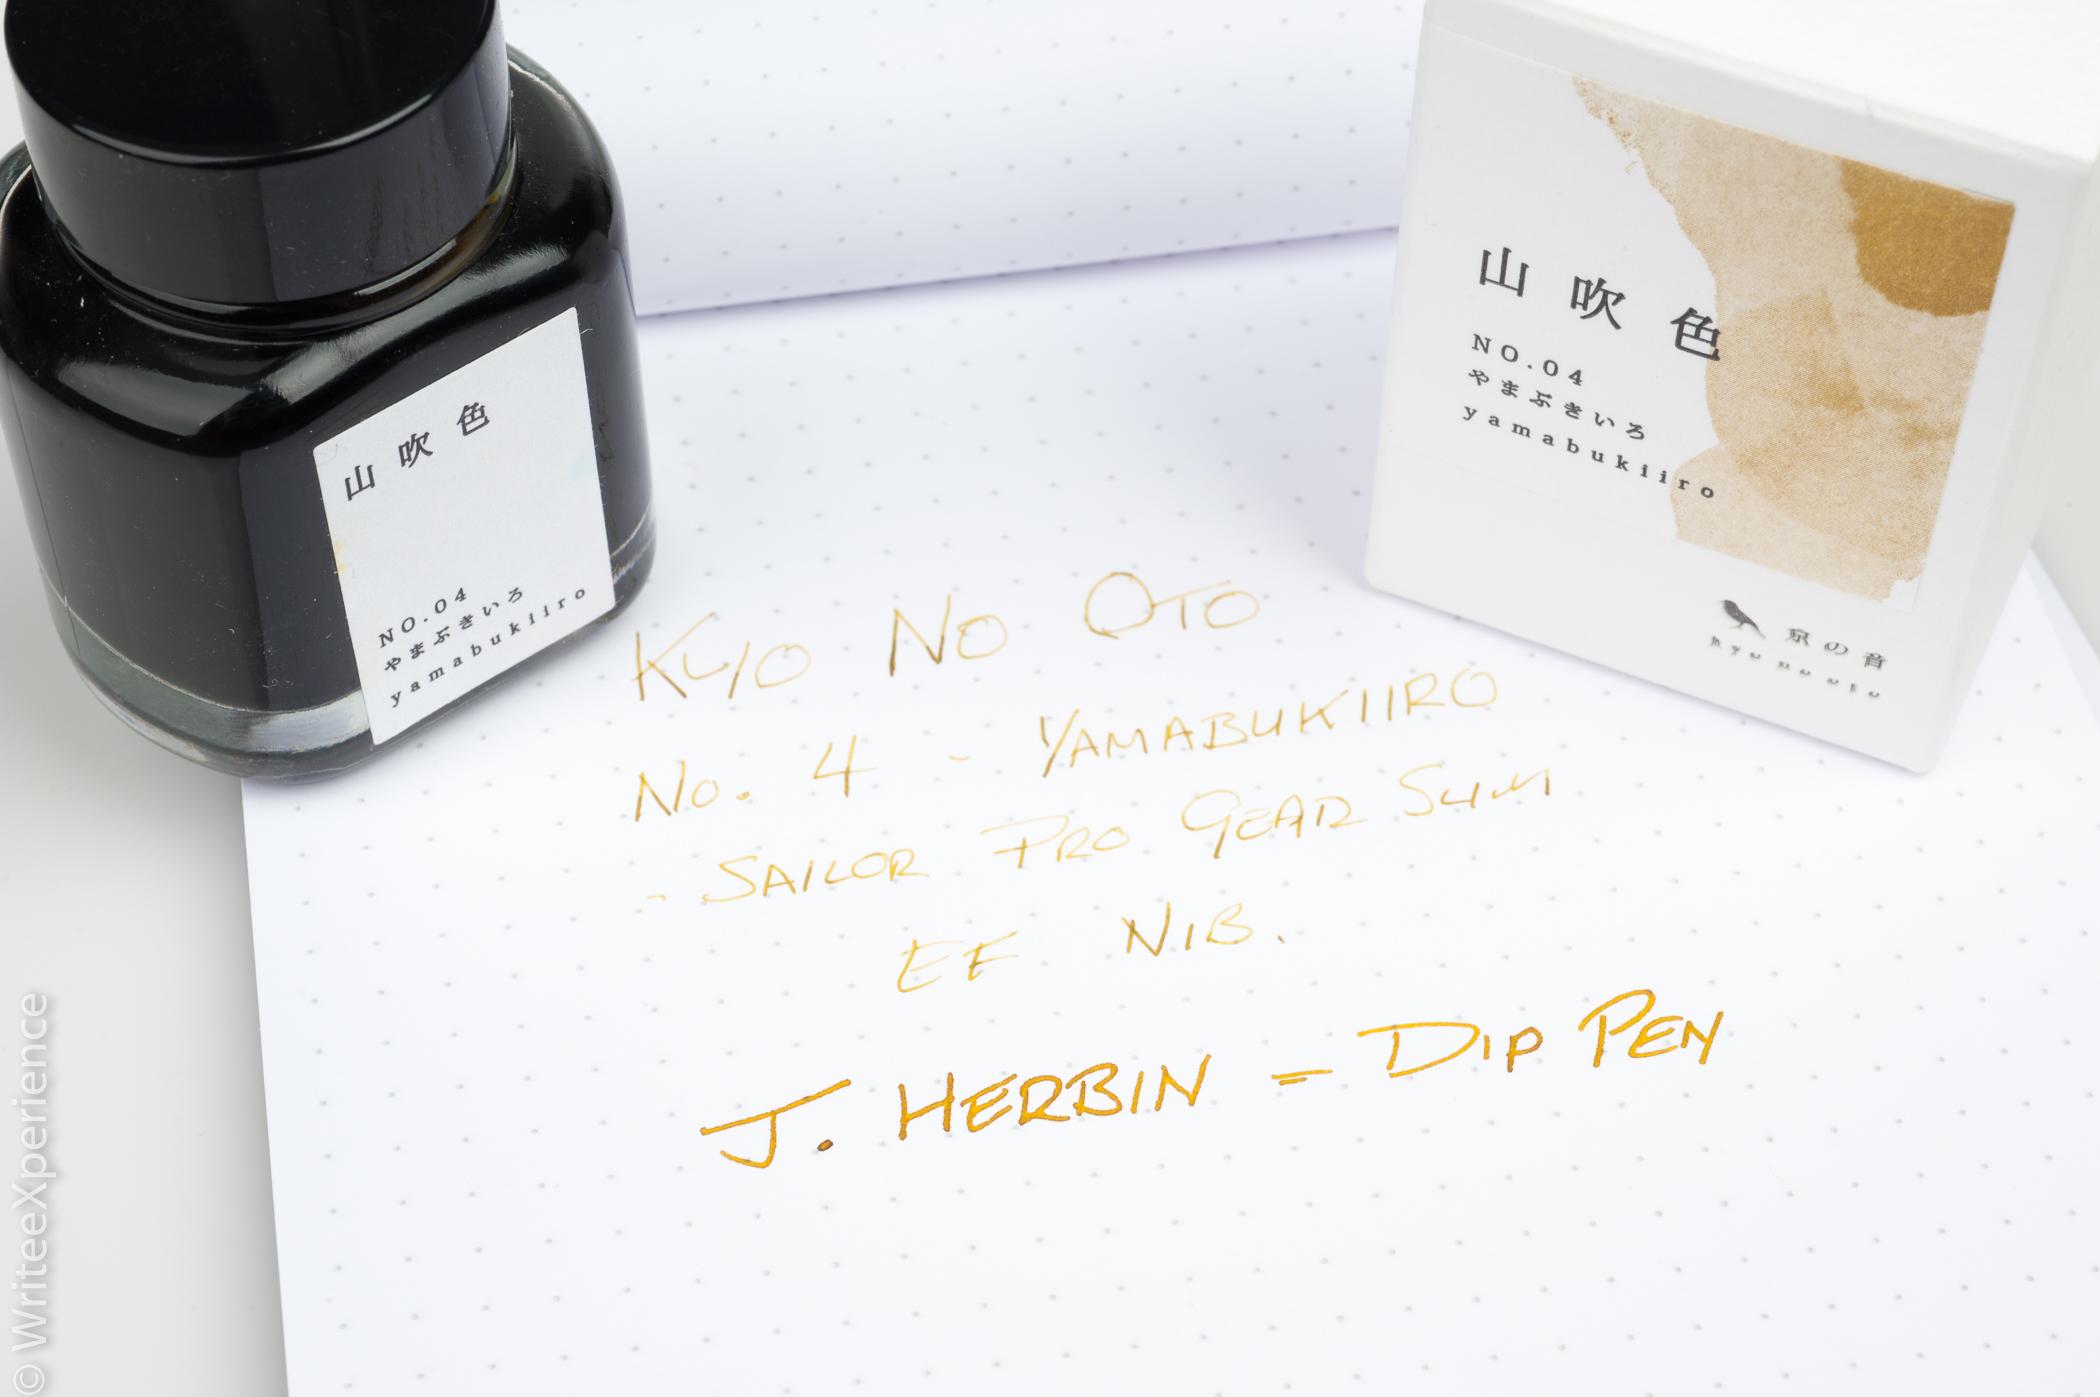 WriteeXperience-Kyo_no_Oto_Yamabukiiro_Fountain_Pen_Ink-5.jpg